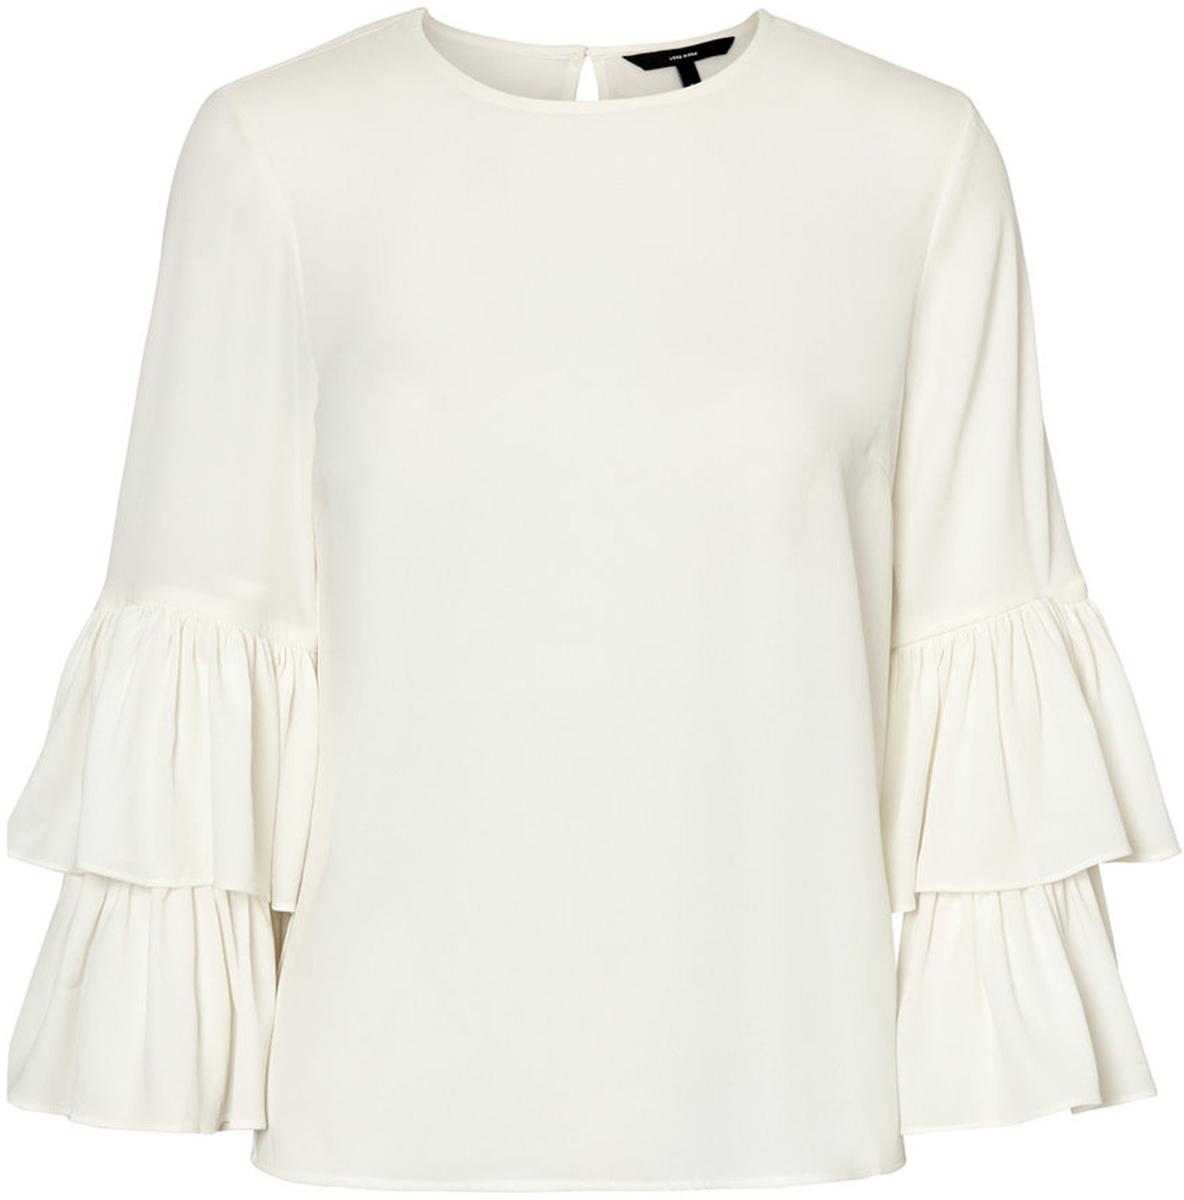 Блузка женская Vero Moda, цвет: белый. 10186367_Snow White. Размер XL (50/52)10186367_Snow WhiteЖенская блузка с круглым вырезом горловины сзади застегивается на пуговицу.